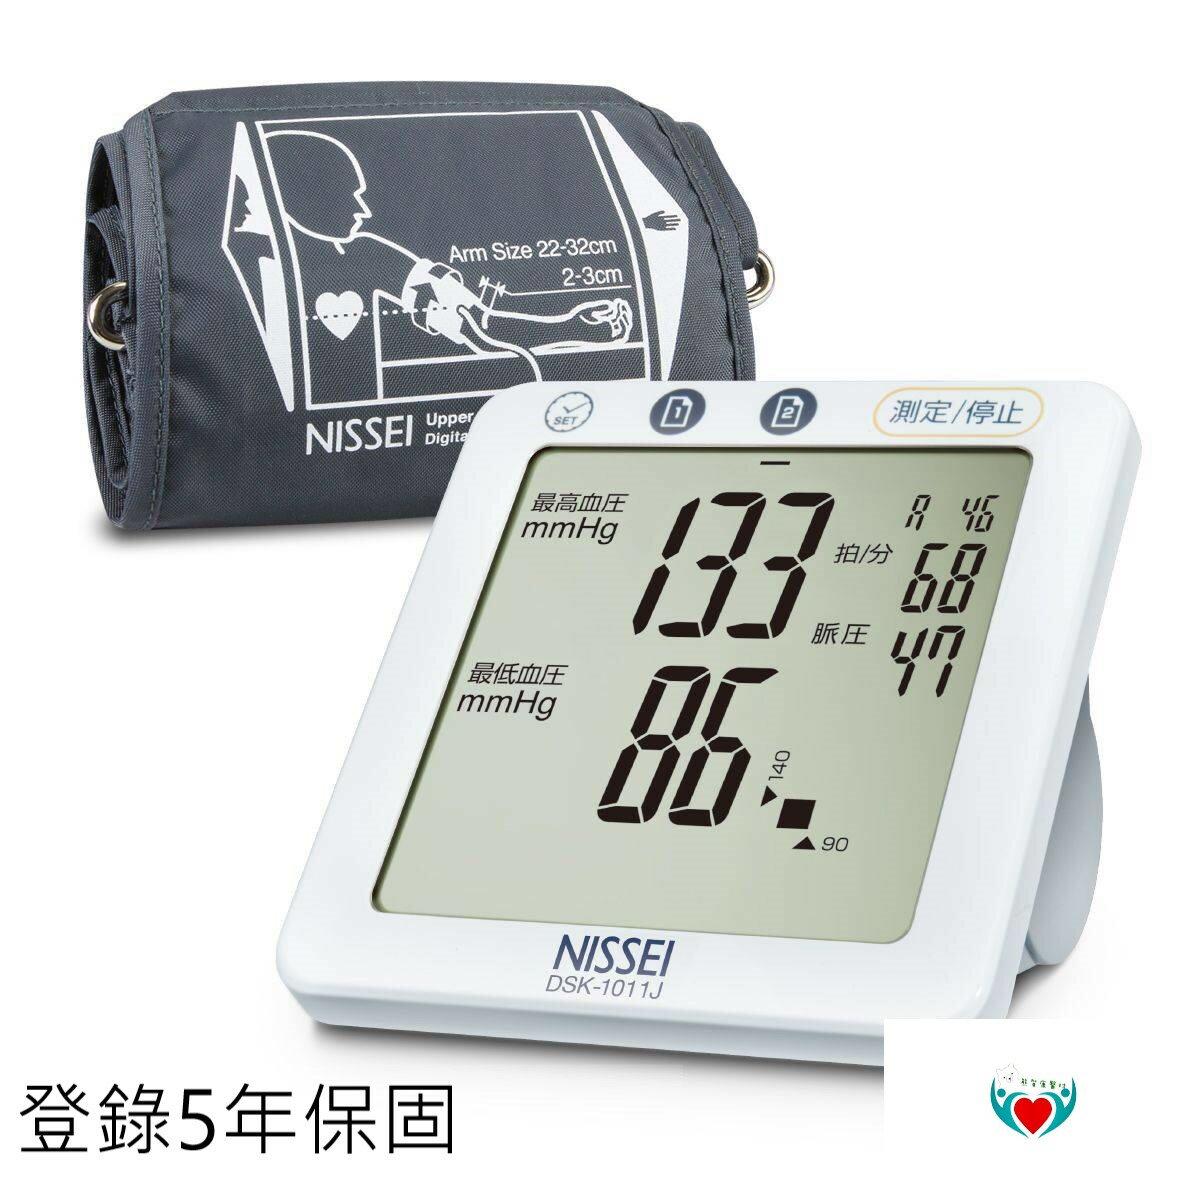 【送電子體重機】NISSEI 日本精密 手臂式電子血壓計 DSK-1011J DSK1011J 熊賀康醫材